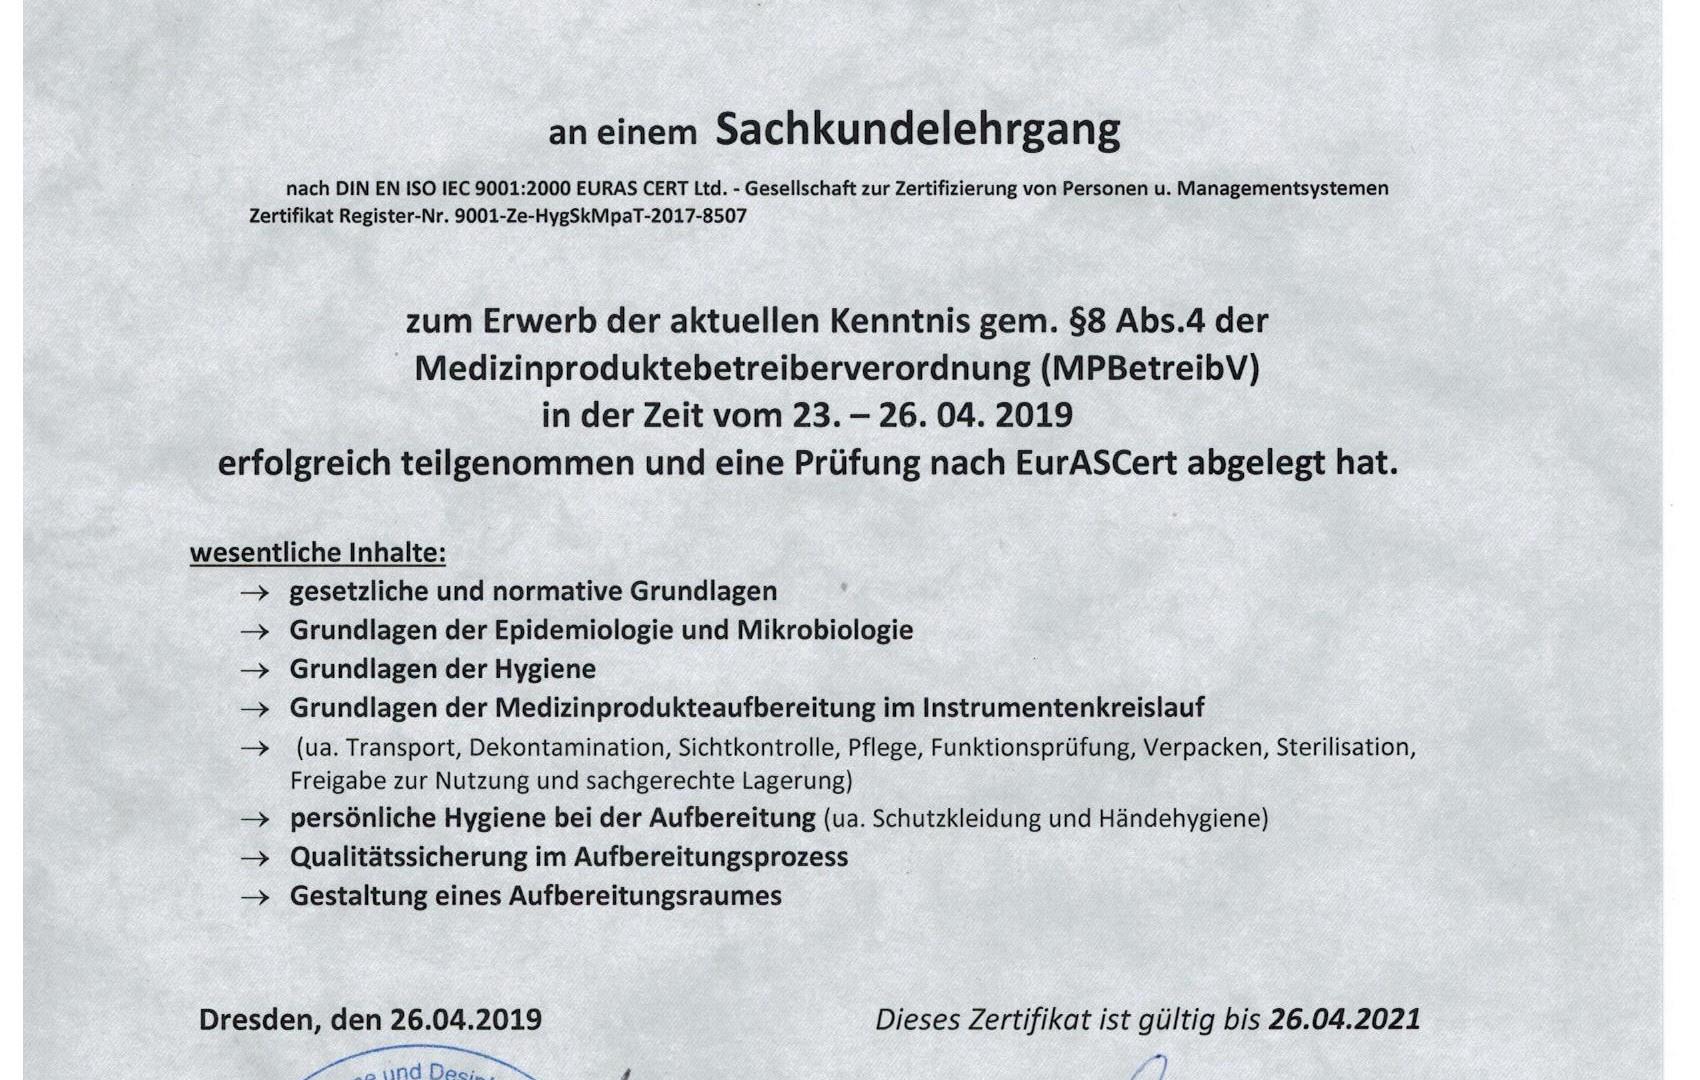 Zertifikat_Sachkunde_Medizinprodukteaufbereitung